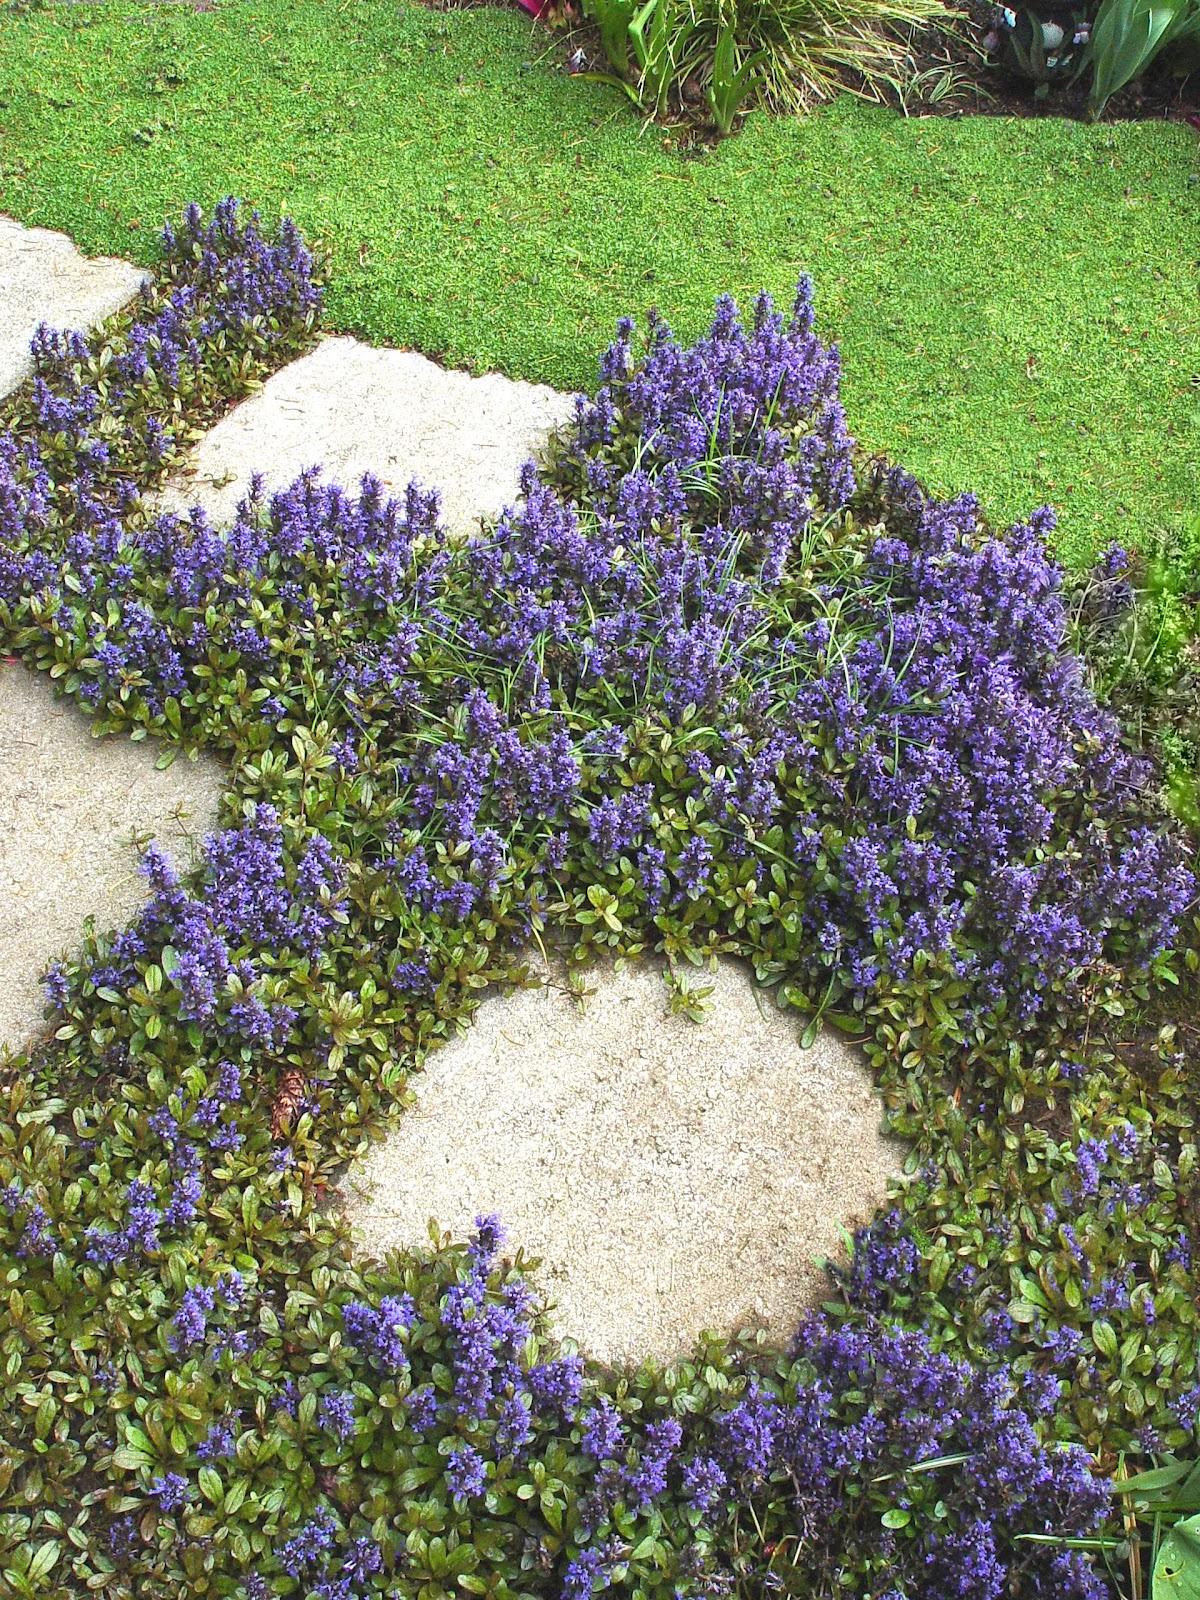 Green Girly Zone 3 Flowering Ground Cover Bugleweed Ajuga